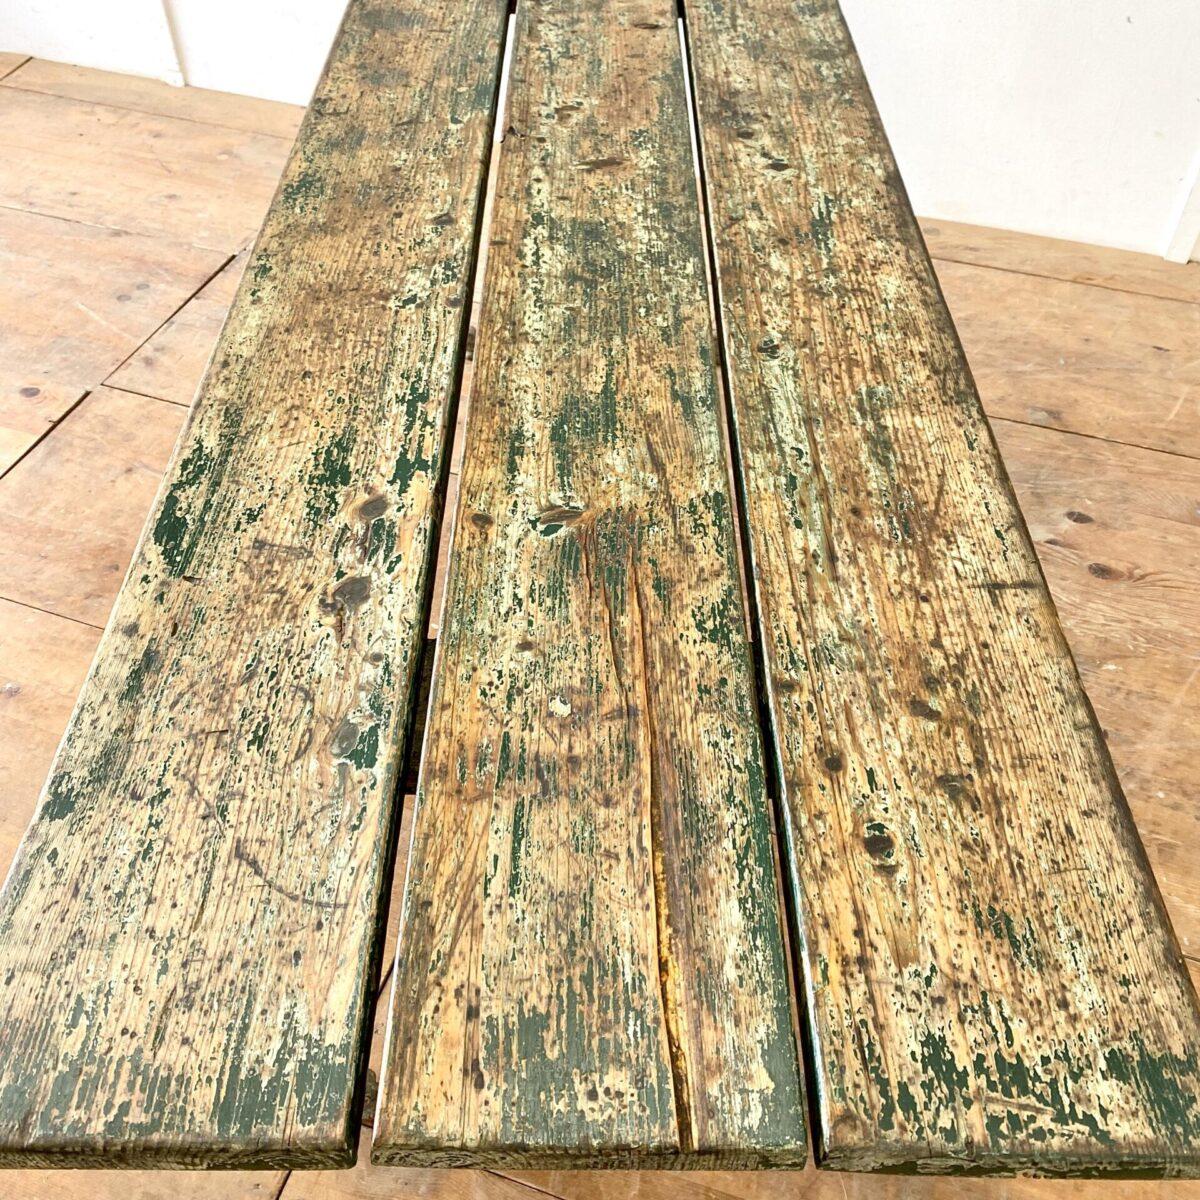 Deuxieme.shop antiker Jugendstil Gartentisch, antike französische Gussfüsse. Holz Gartentisch mit antiken Gussfüssen. 200x70cm Höhe 74.5cm. Beizentisch fürs Esszimmer, Terrasse oder Wintergarten. Die abgeblätterte Farbe der Tischplatte leicht gebürstet, das Holz ist in gesundem Zustand. Der Tisch bietet Platz für 8 Personen.